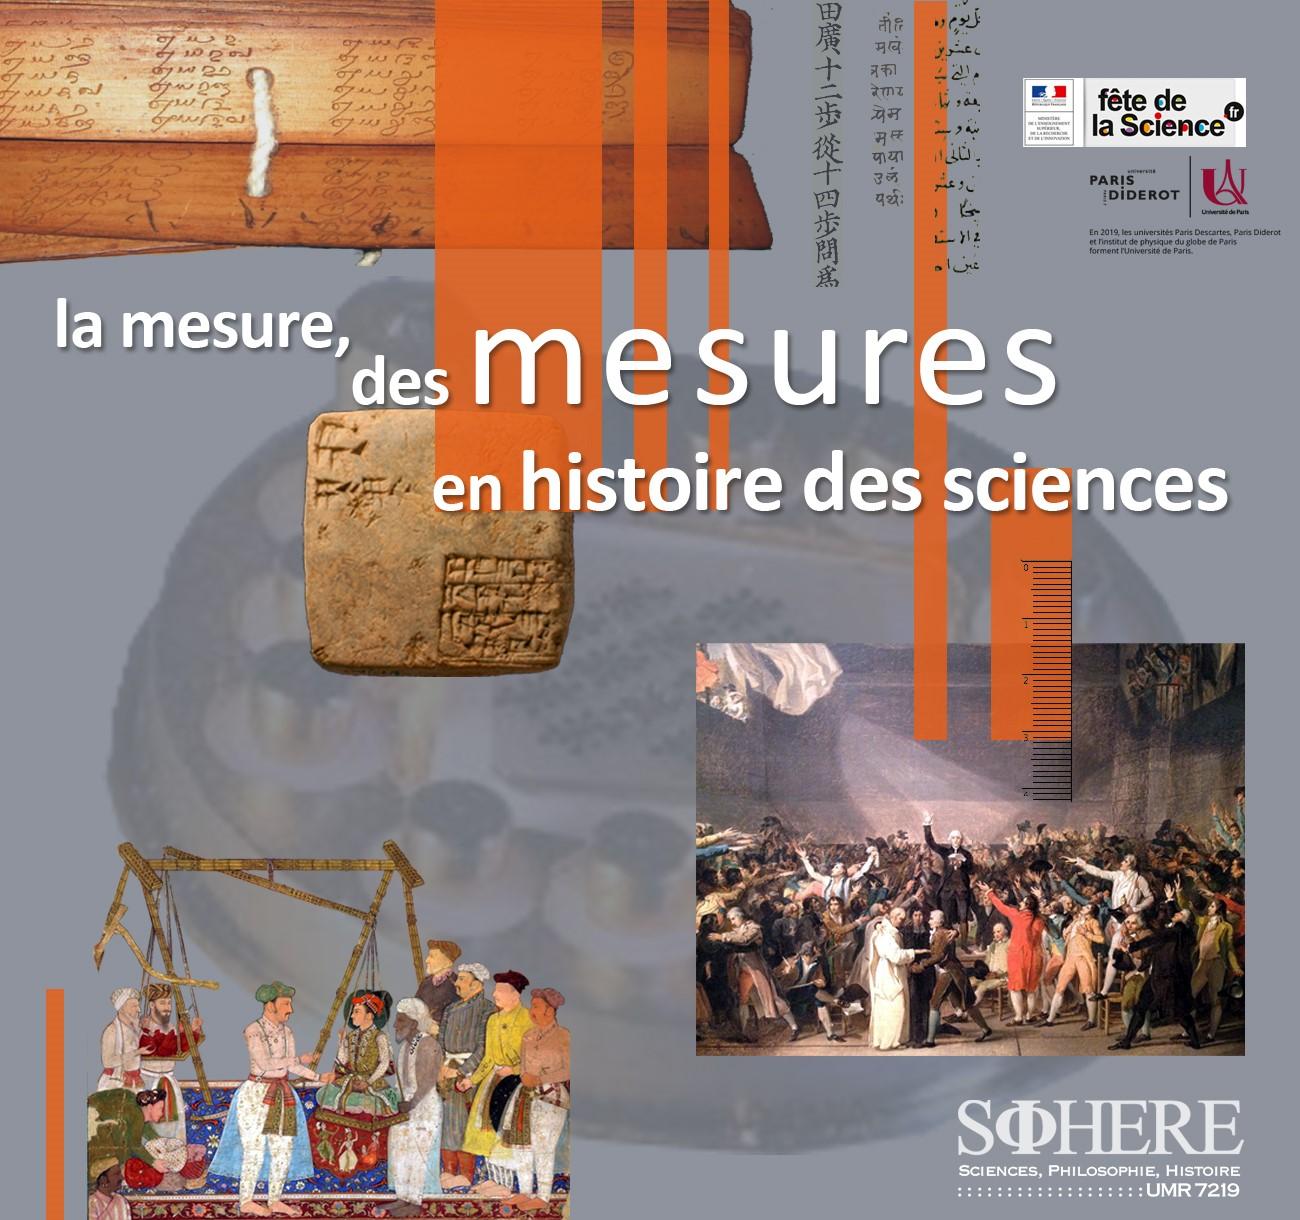 La mesure, des mesures en histoire des sciences